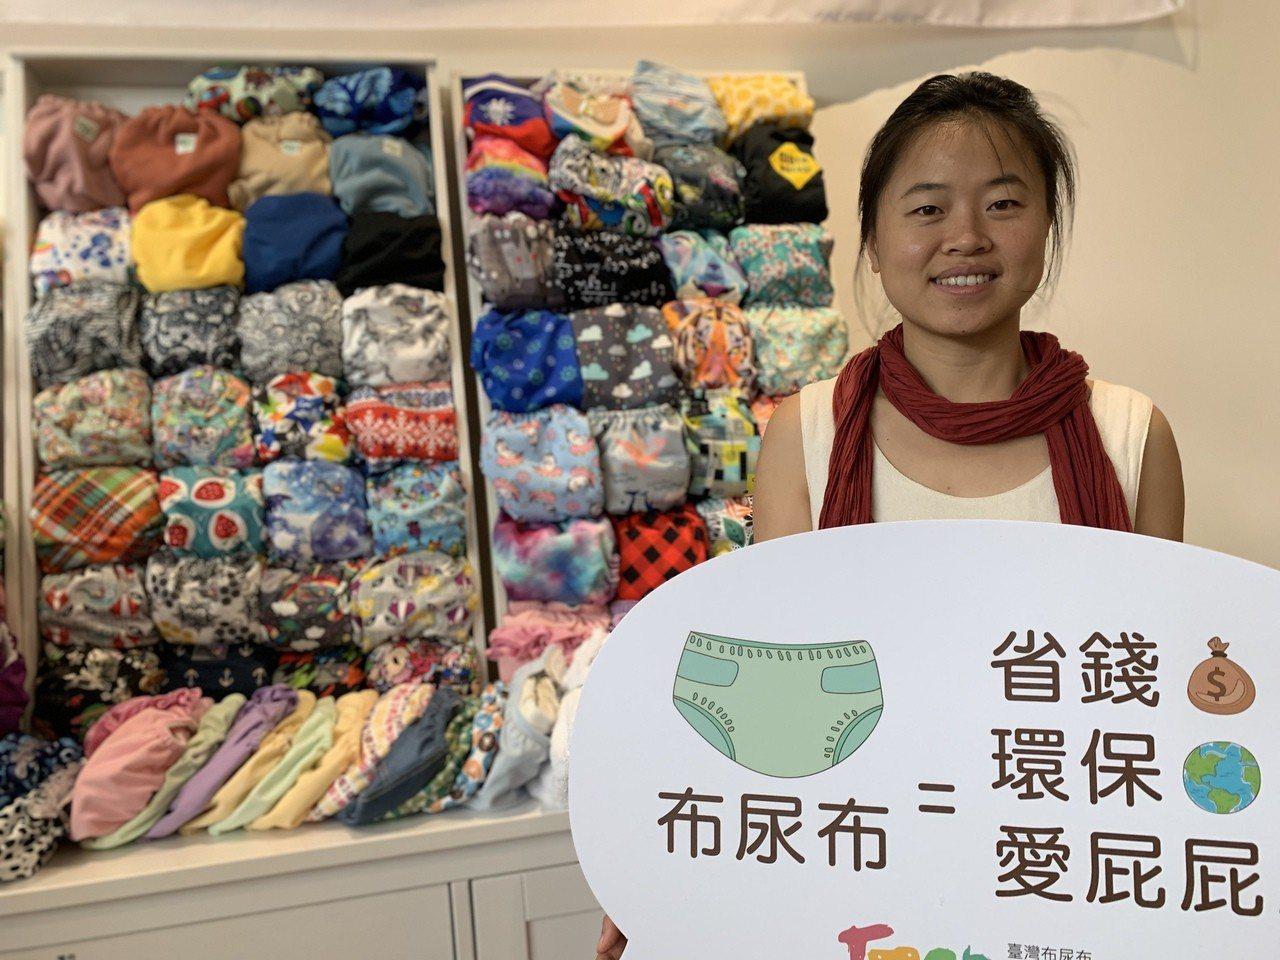 台灣布尿布協會28日發起成立,邀請棉樂悅事創辦人林念慈到場支持。記者黃昭勇/攝影